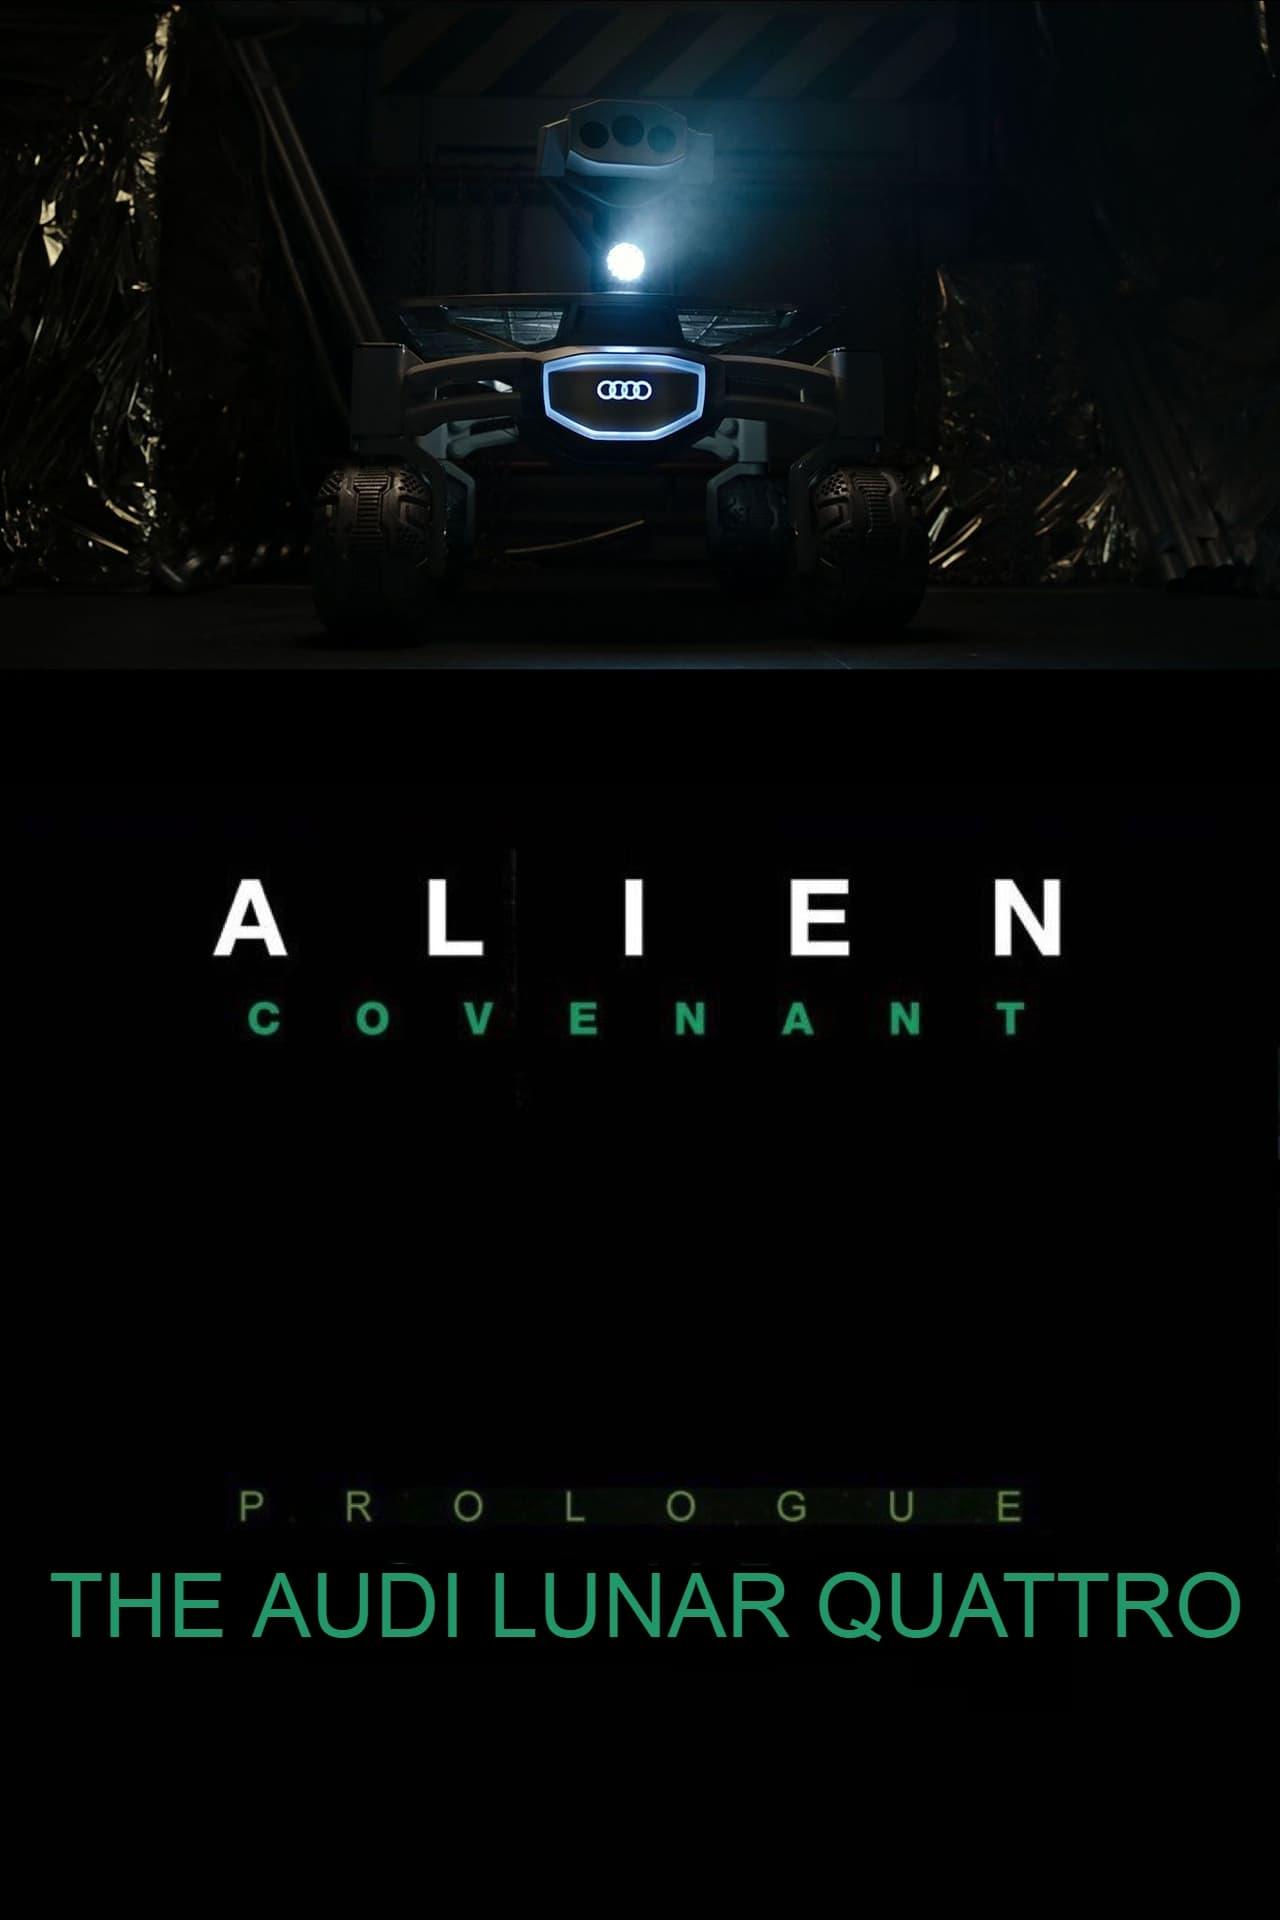 Alien: Covenant - Prologue: The Audi Lunar Quattro